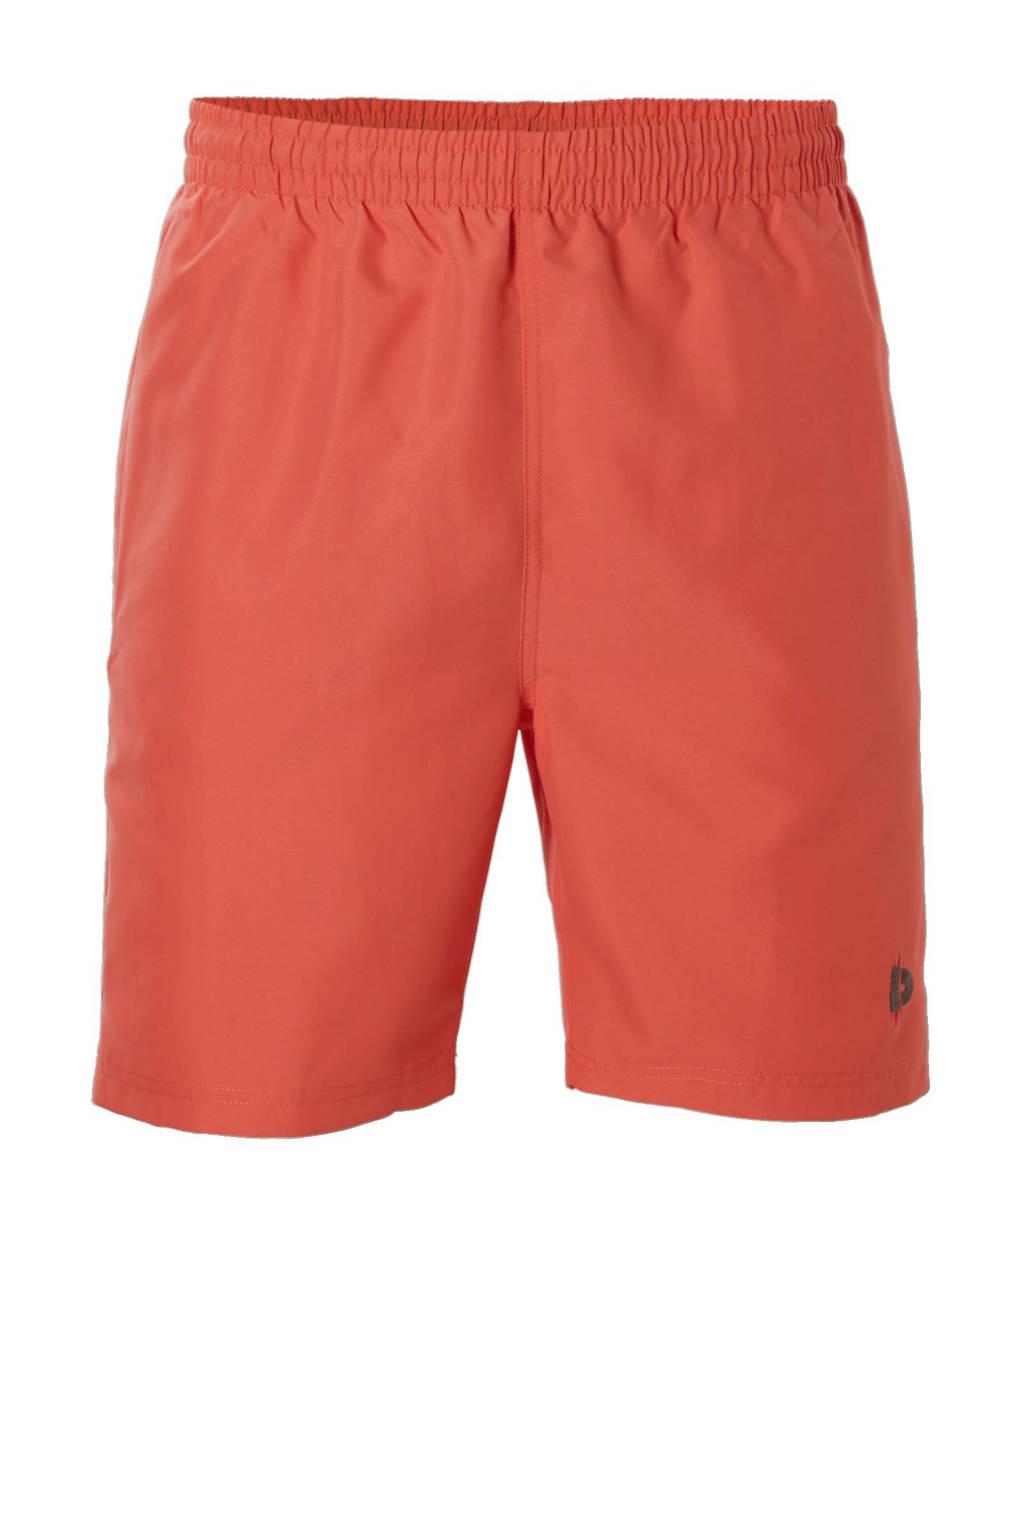 Donnay   sportshort oranje, Oranje